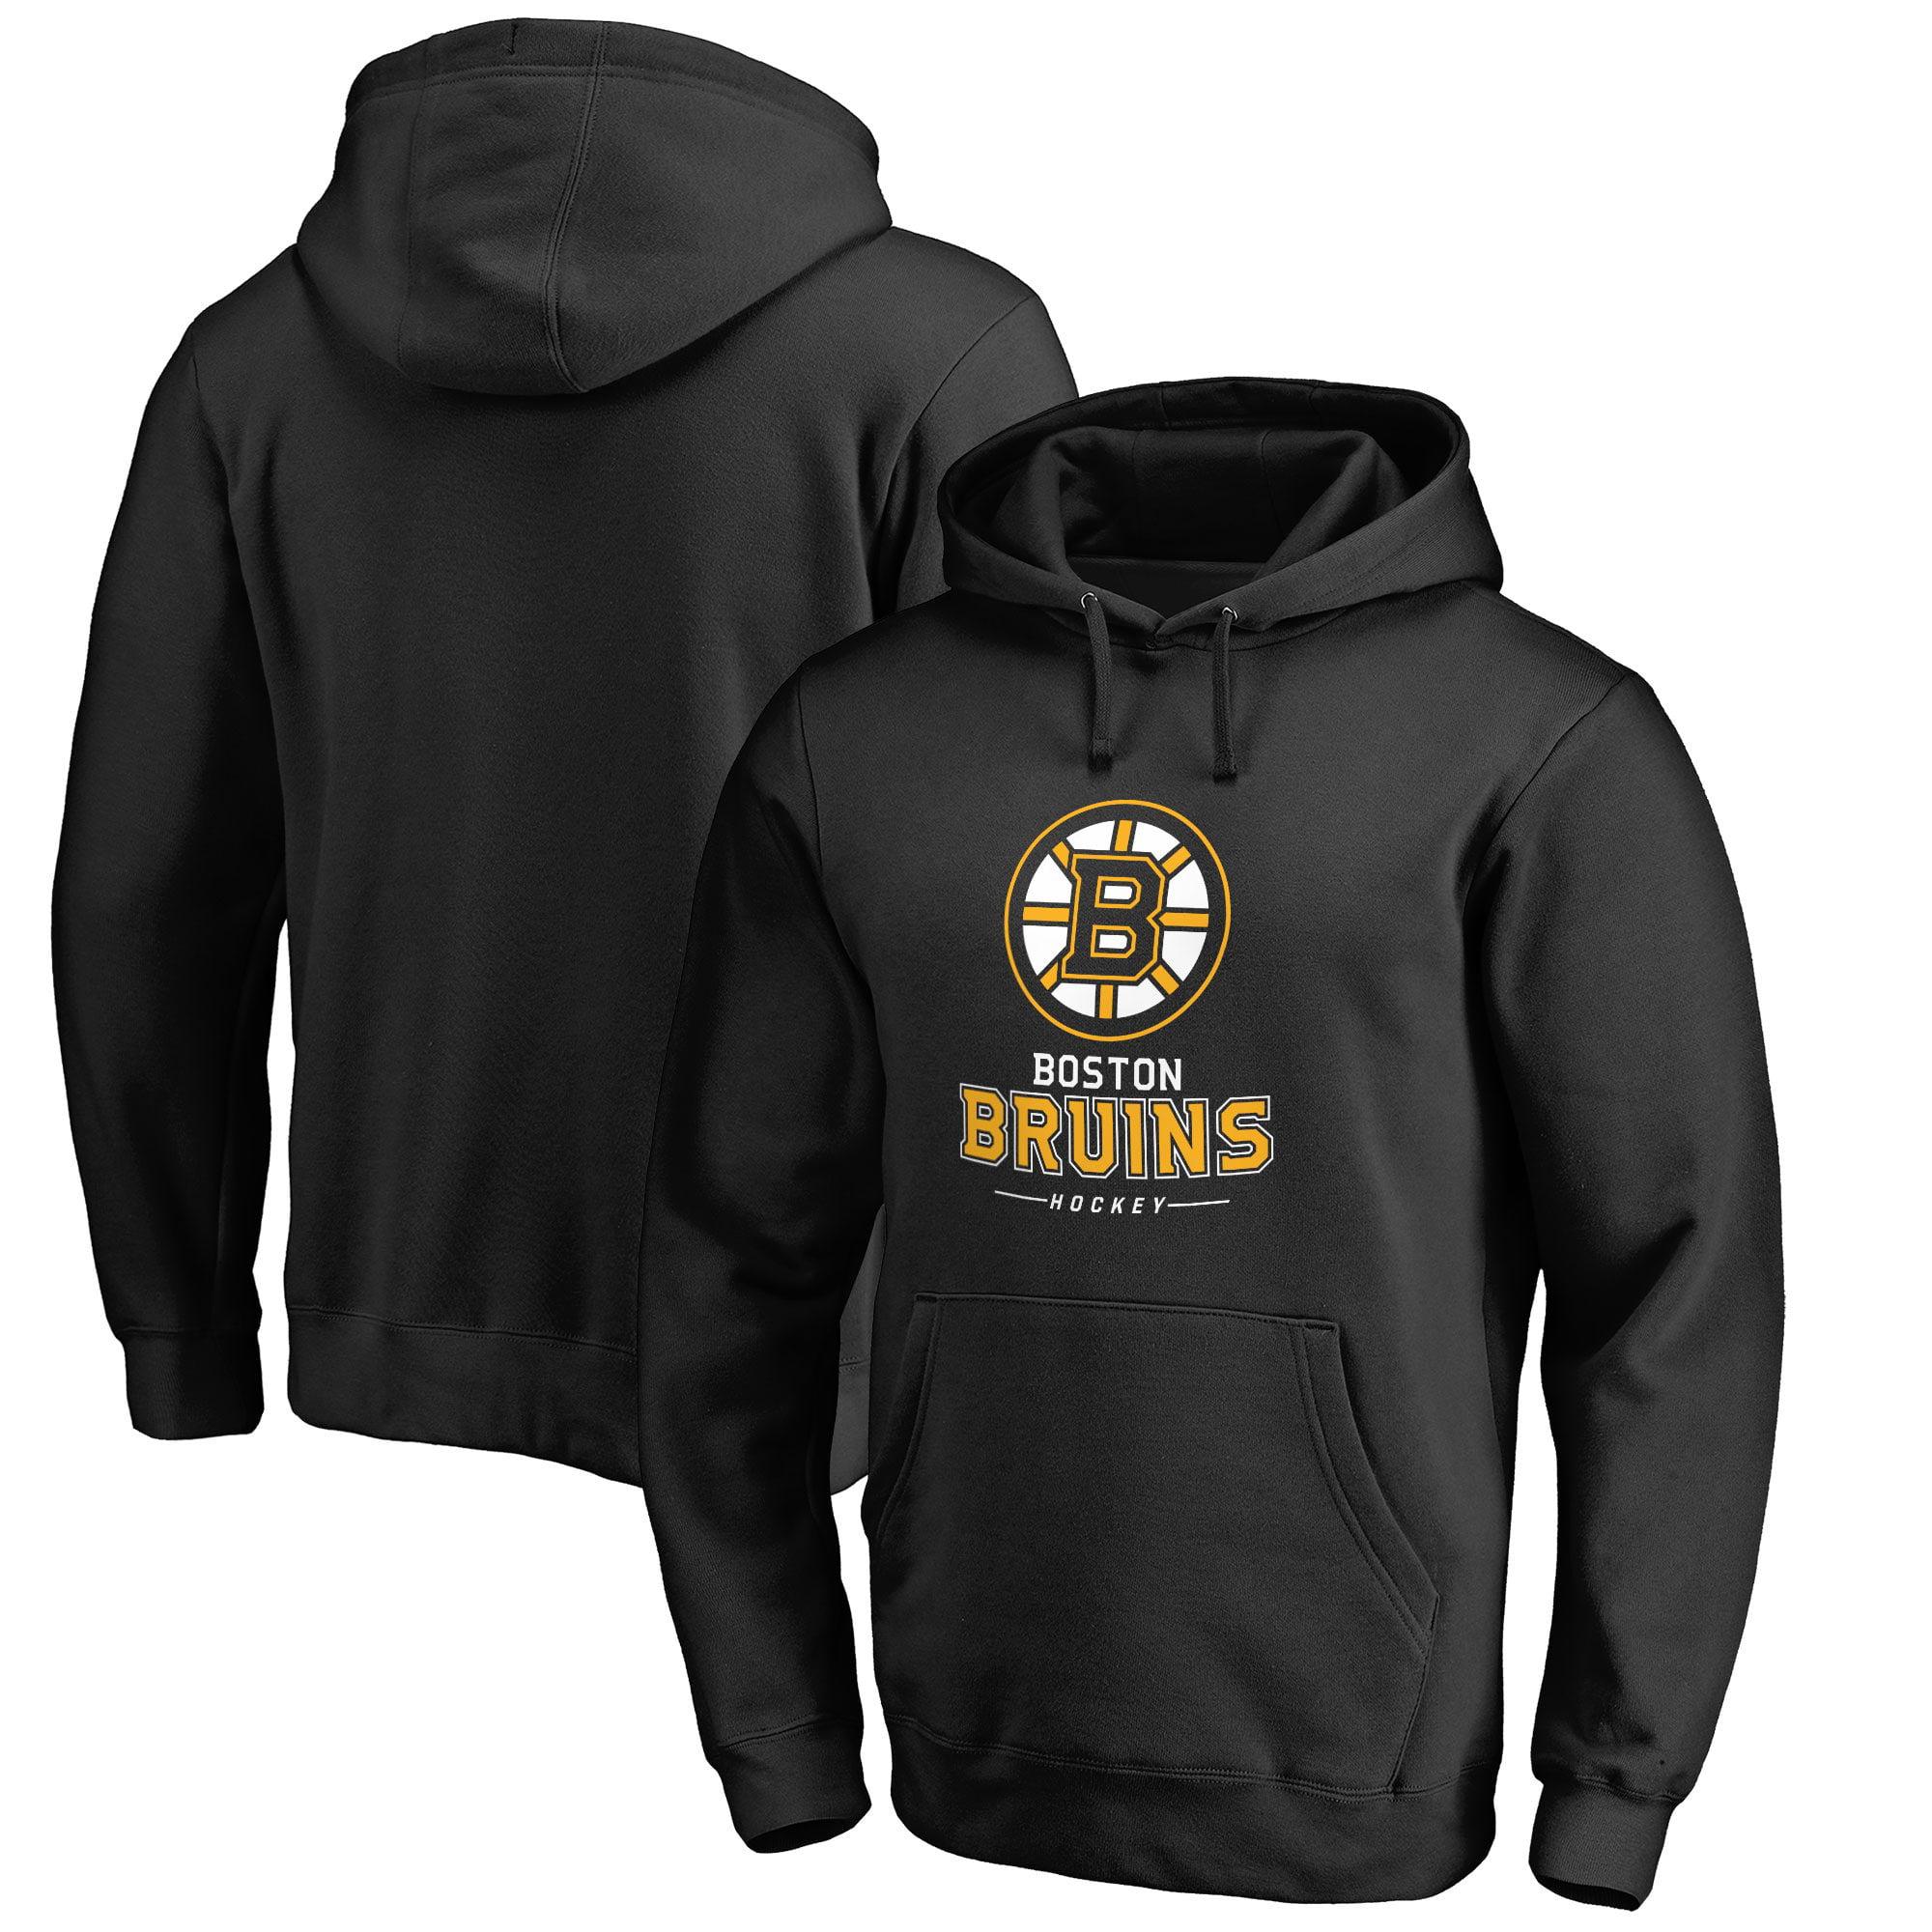 Boston Bruins Team Lockup Pullover Hoodie - Black